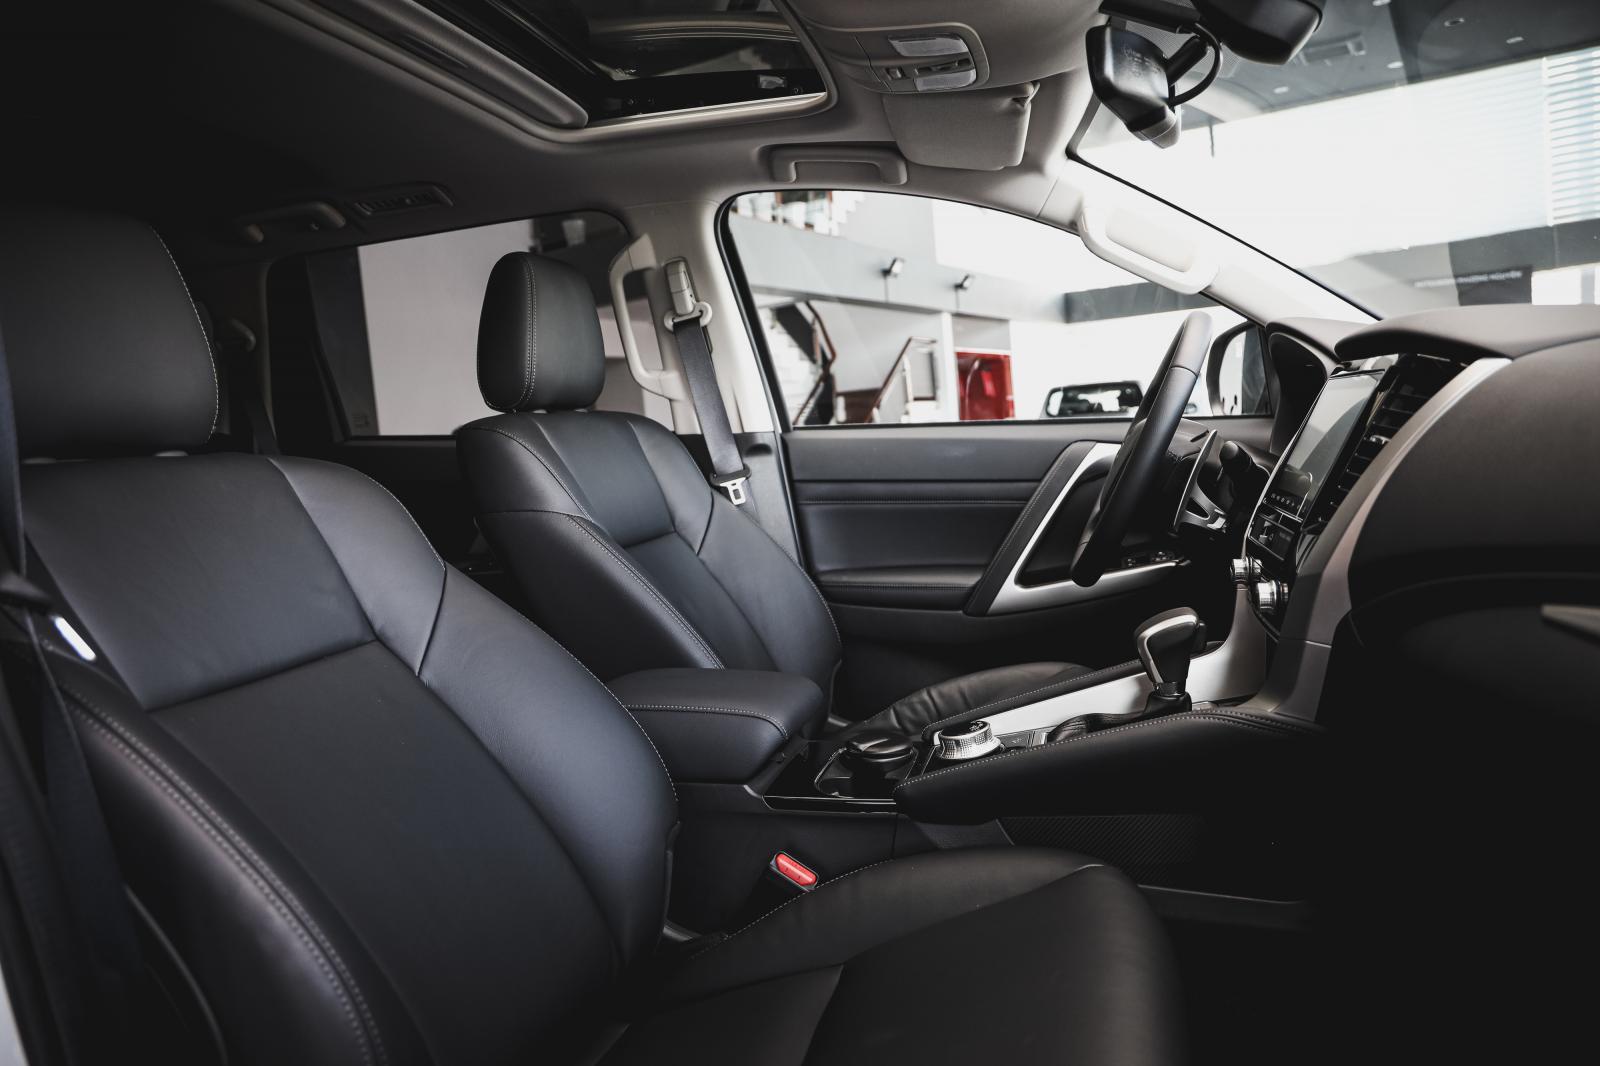 Bán Mitsubishi Pajero Sport đời 2020, màu trắng, nhập khẩu chính hãng